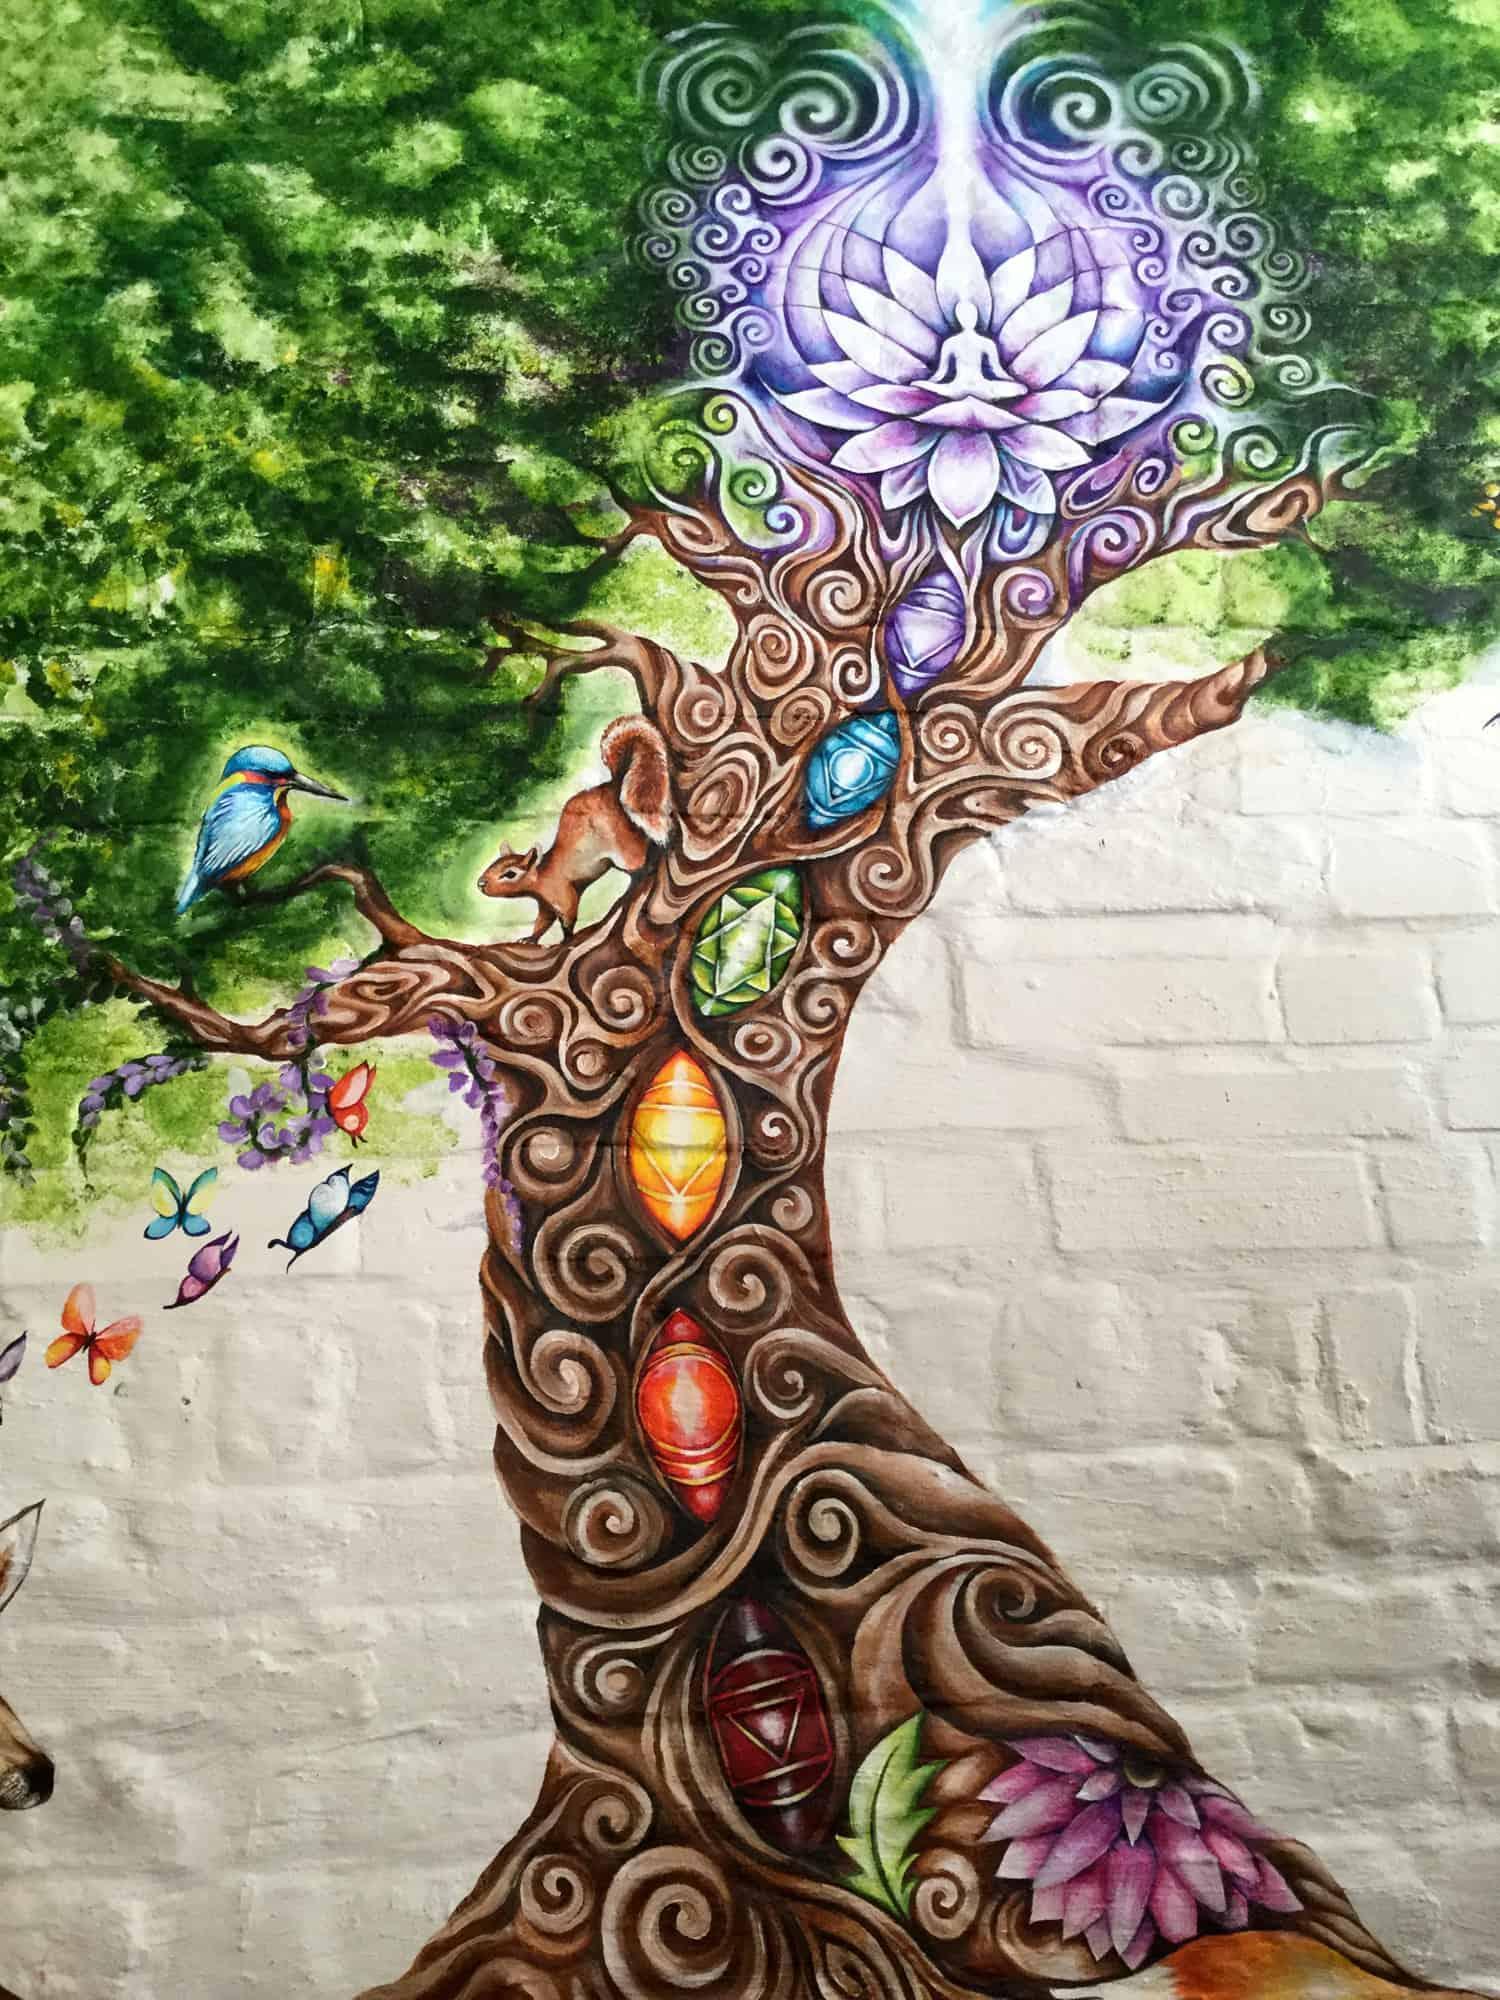 Wild food cafen takaseinää koristaa värikäs maalaus.